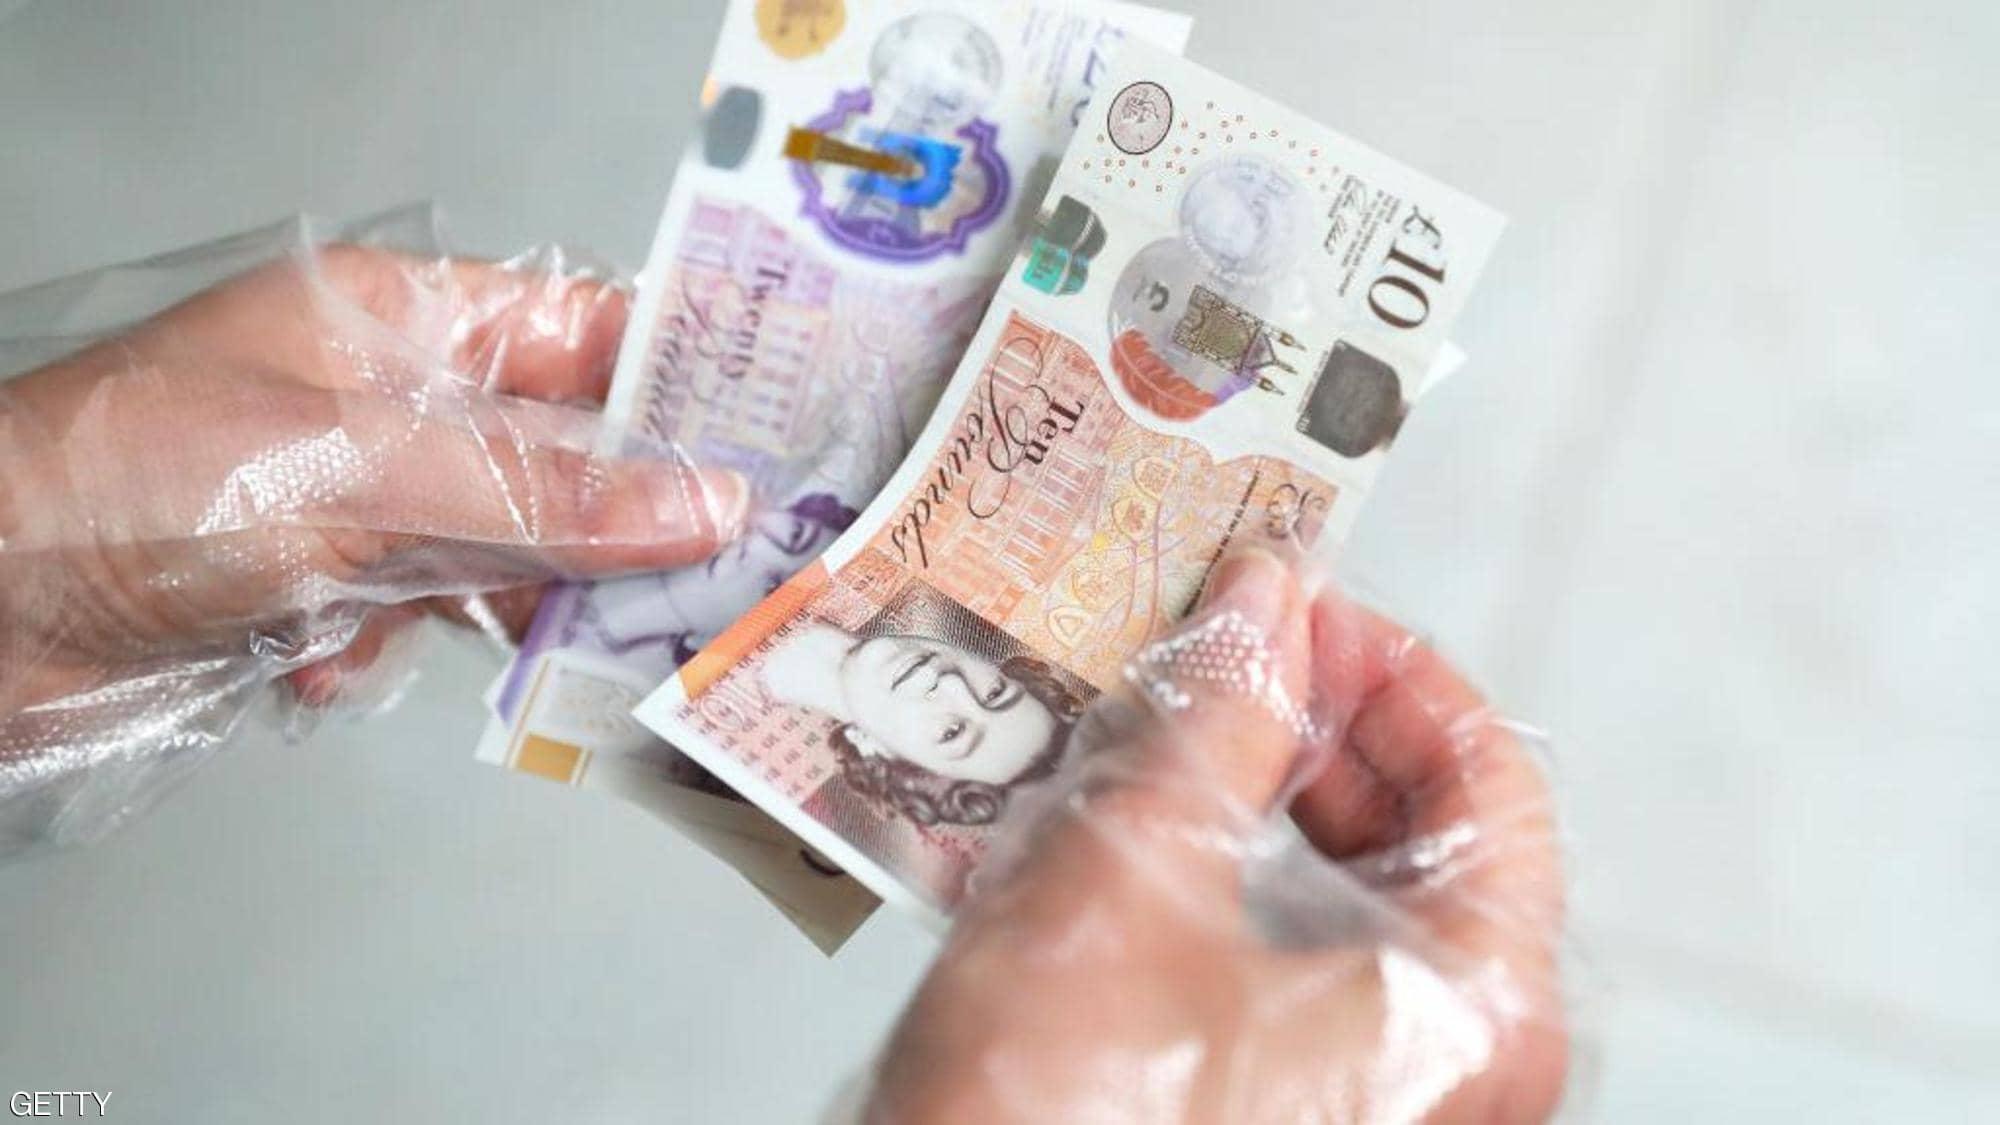 تعرّف على حقيقة انتقال كورونا عبر الأوراق النقدية